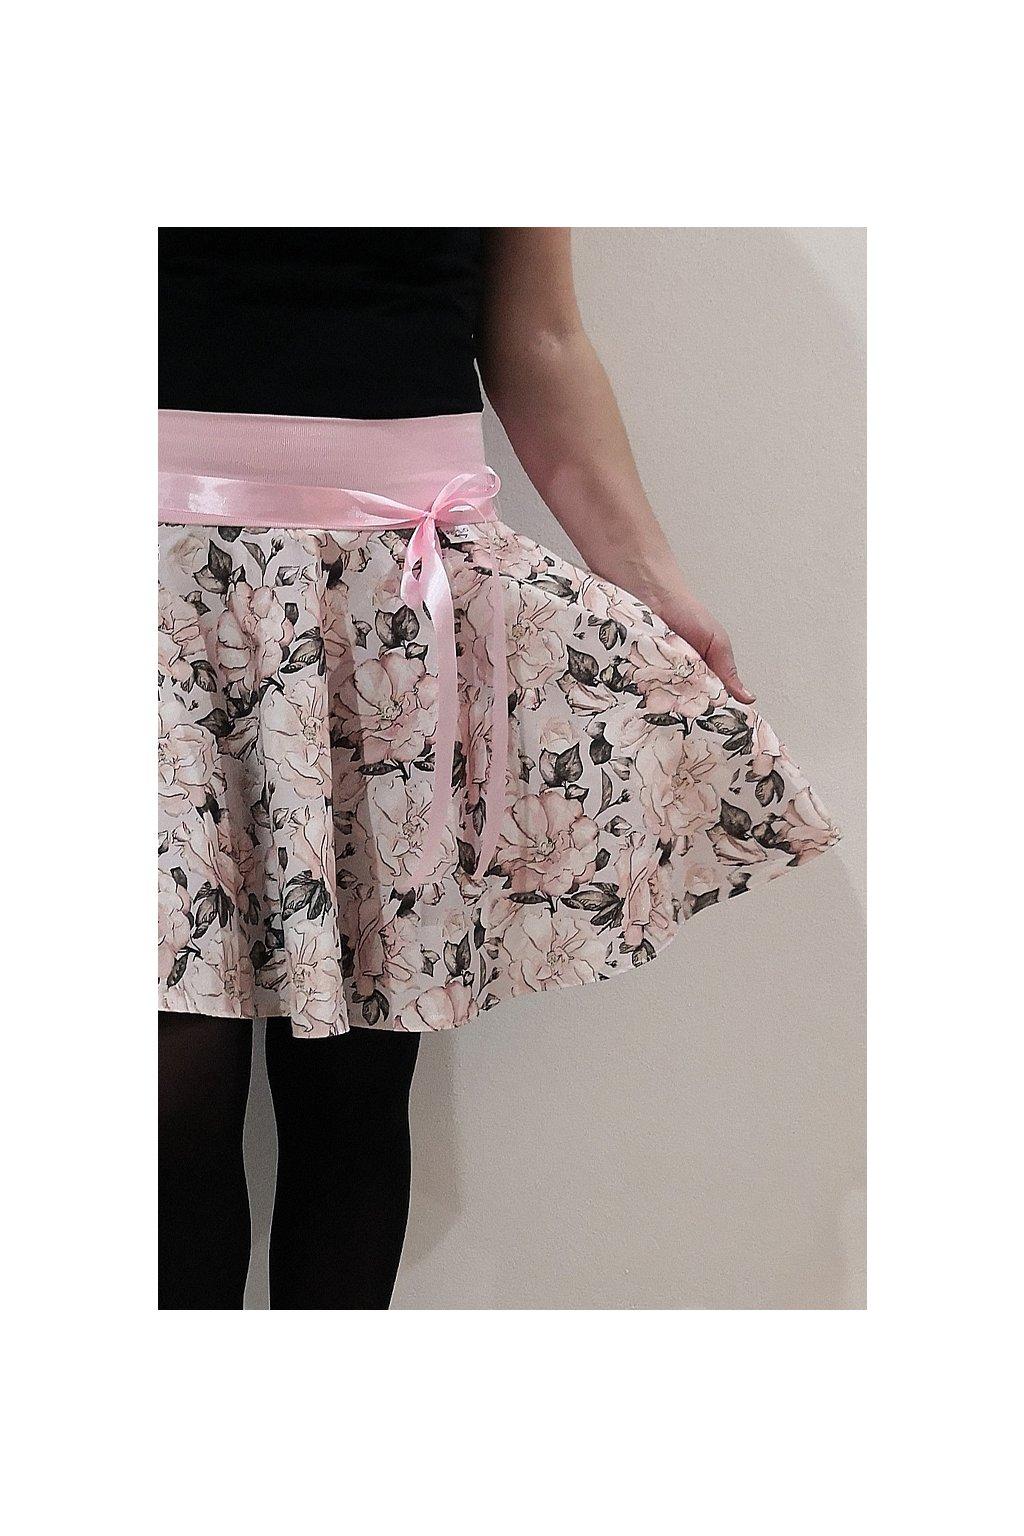 SKLADEM - Kolová sukně Růže (velikost M, délka 46 cm ) | plátno